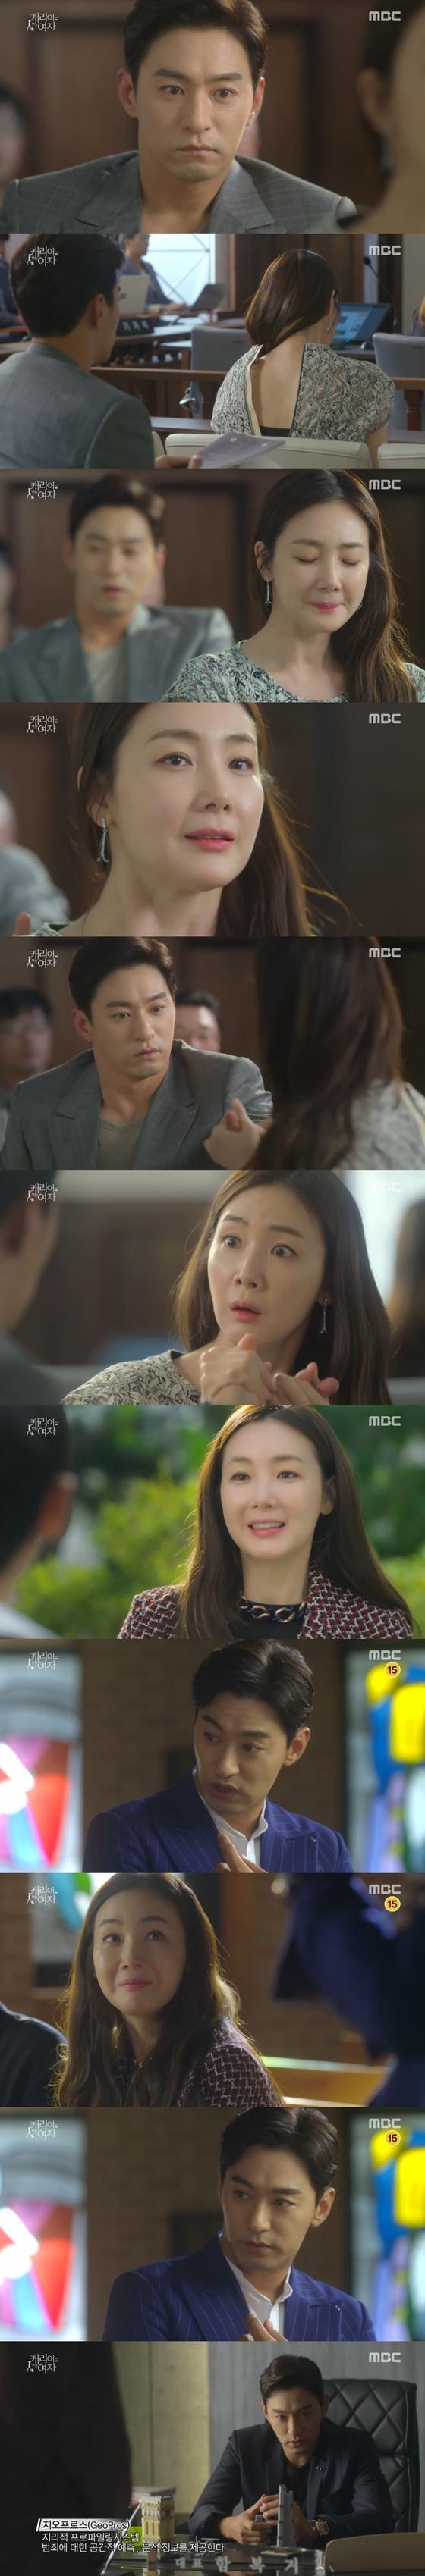 '캐리어' 최지우X주진모, 묵은지 케미 입증한 60분